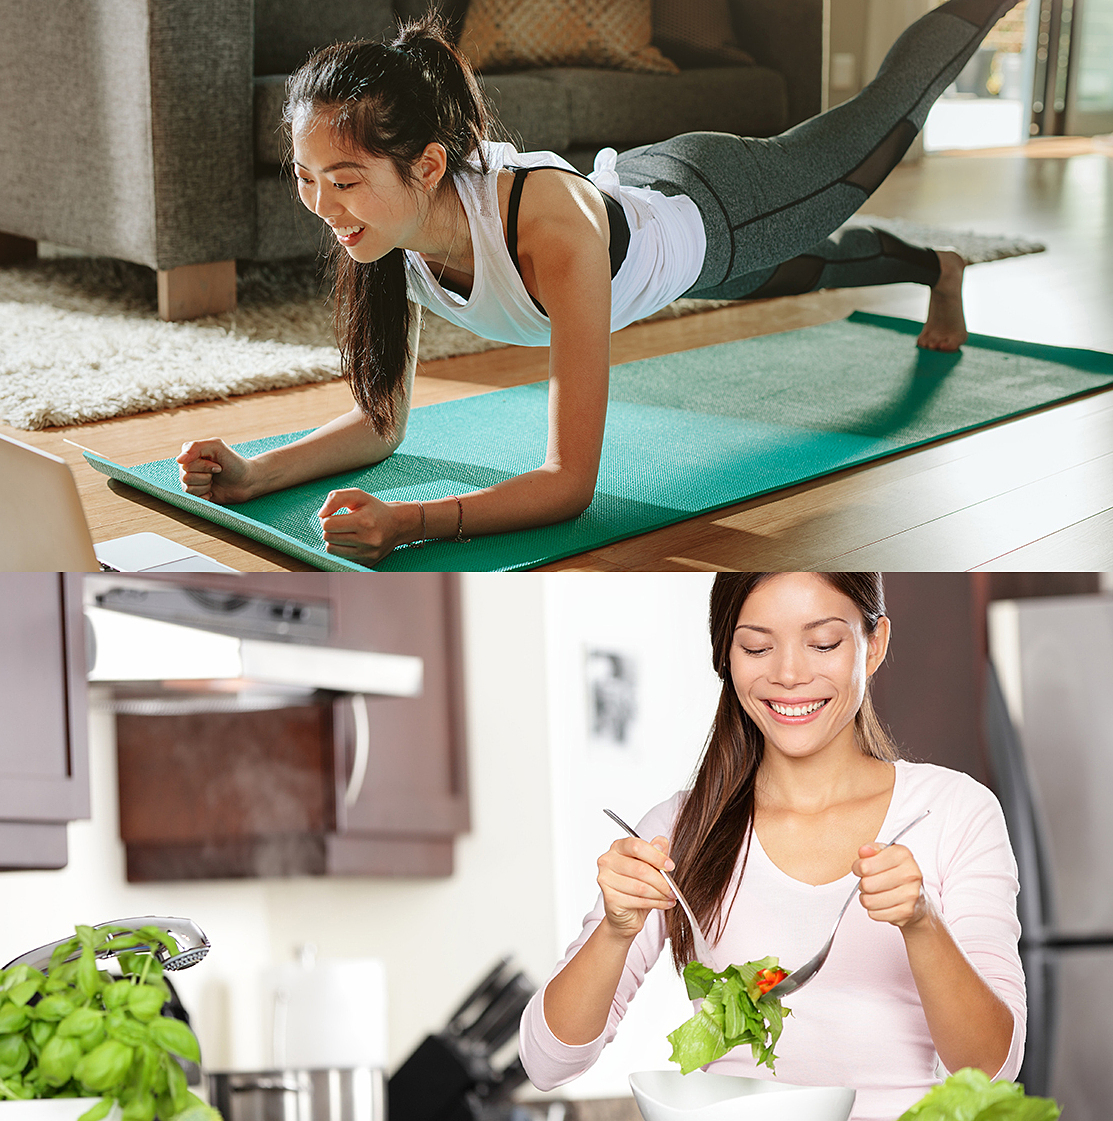 Tập thể dục và có chế độ ăn uống lành mạnh trong thời gian giãn cách xã hội.